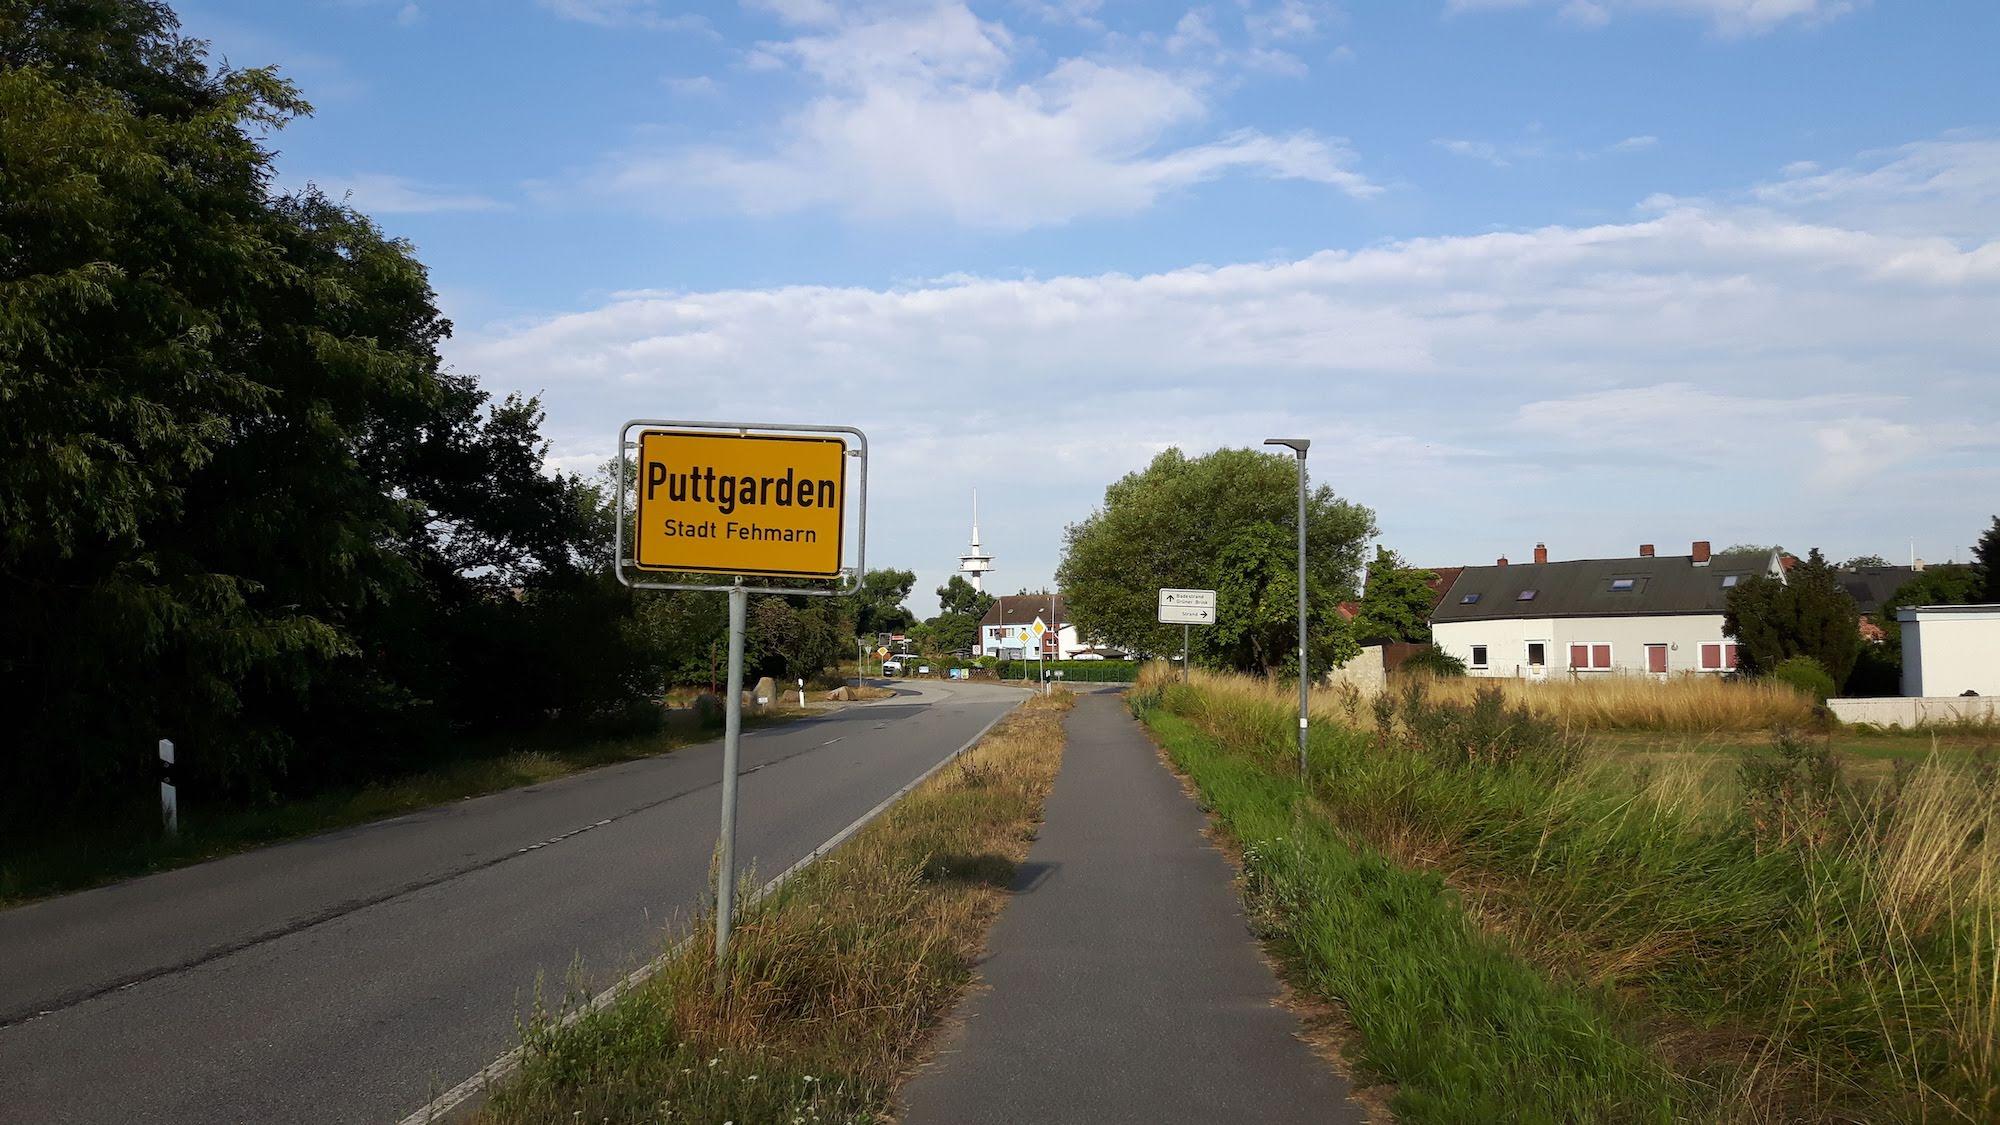 In Puttgarden Germany